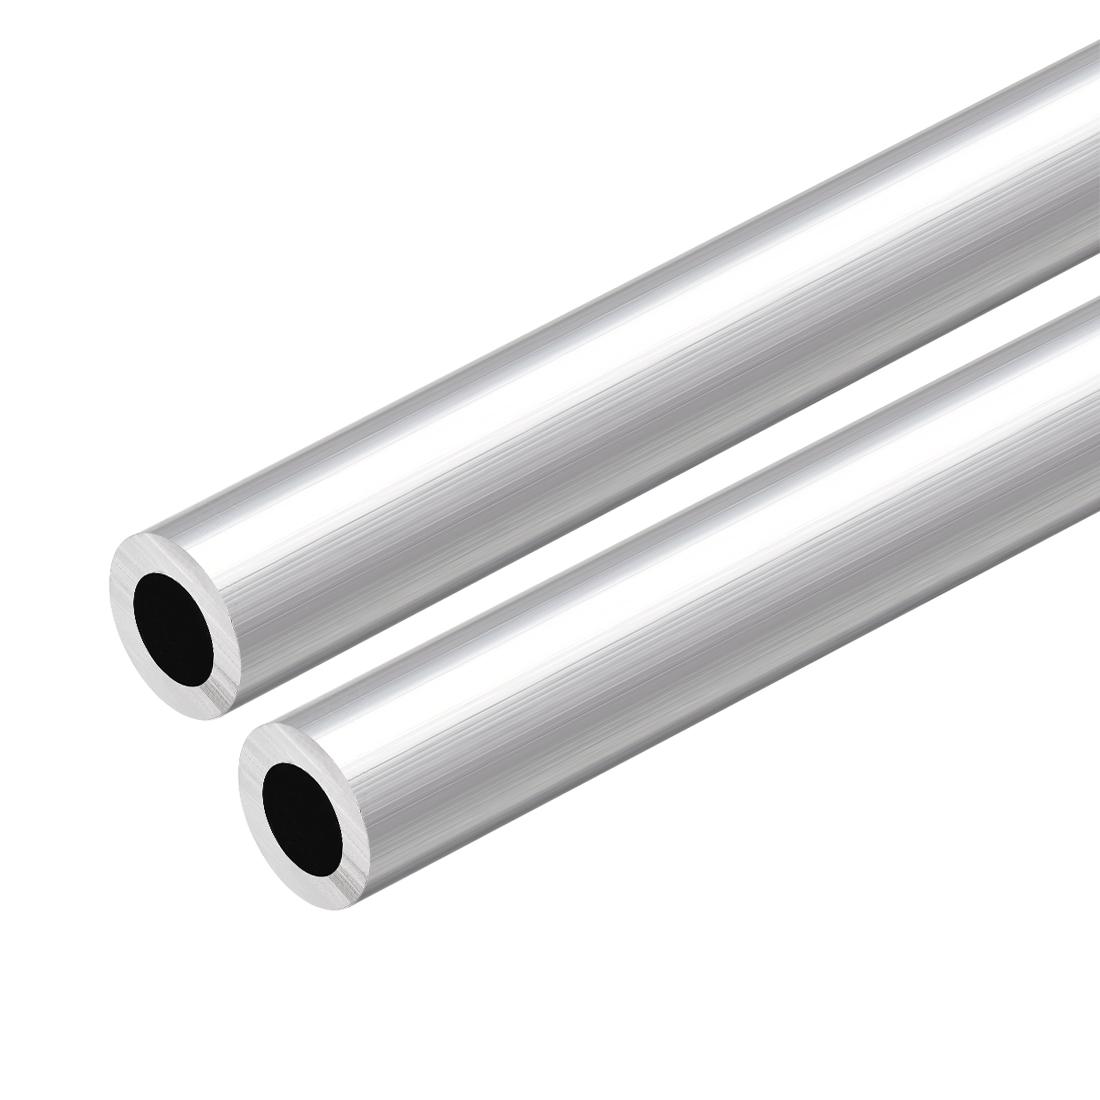 6063 Aluminum Round Tube 300mm Length 18mm OD 11mm Inner Dia Seamless Tube 2 Pcs